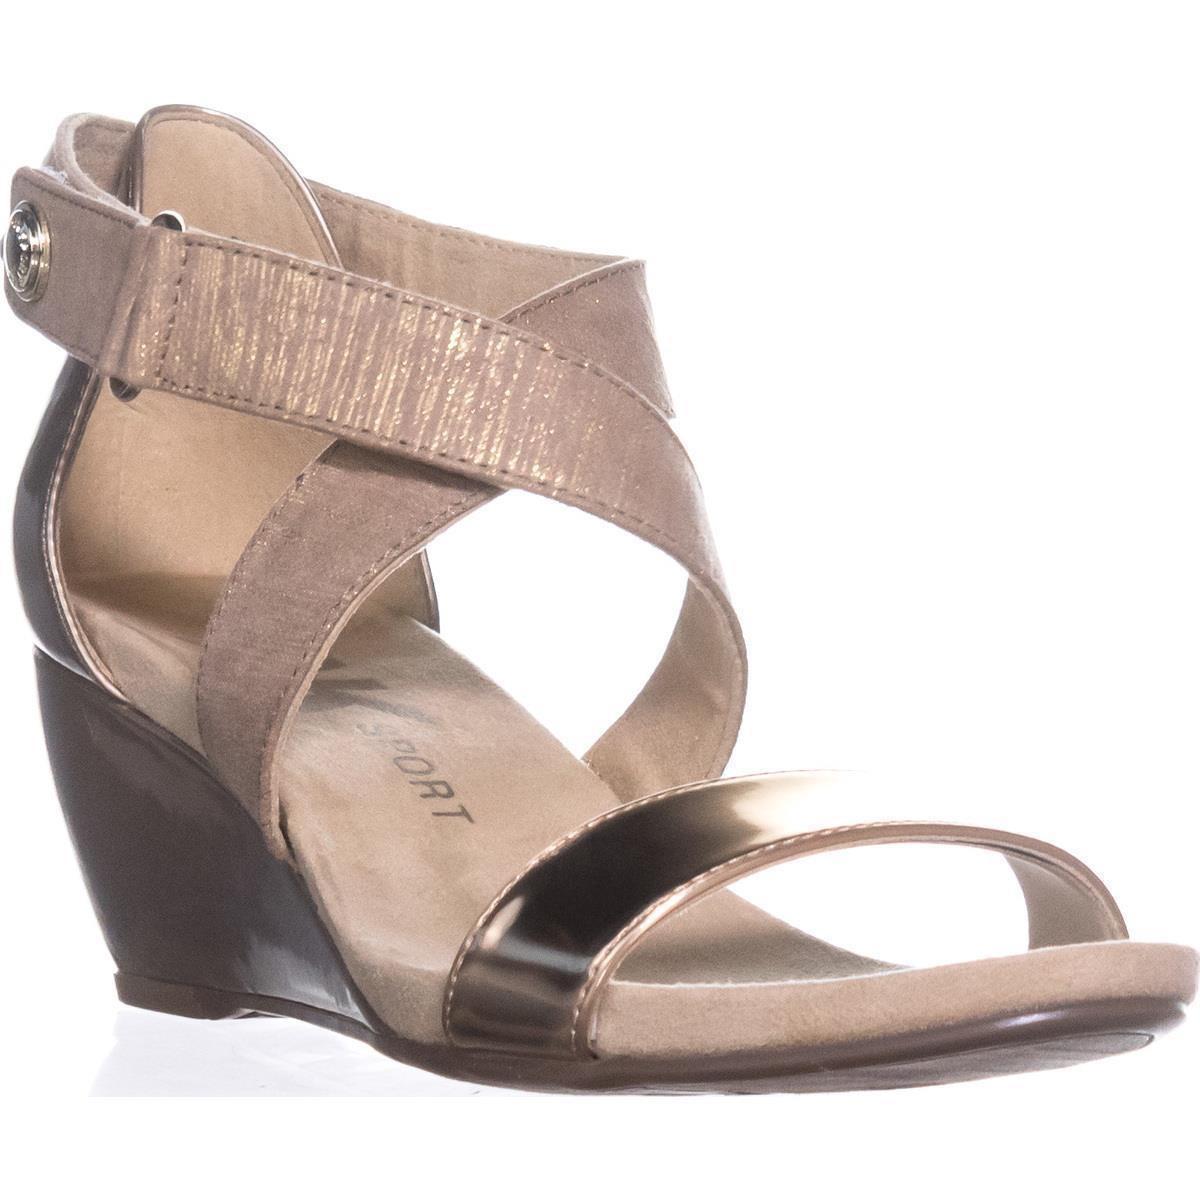 84317d82cf734b Lyst - Anne Klein Sport Crisscross Wedge Sandals